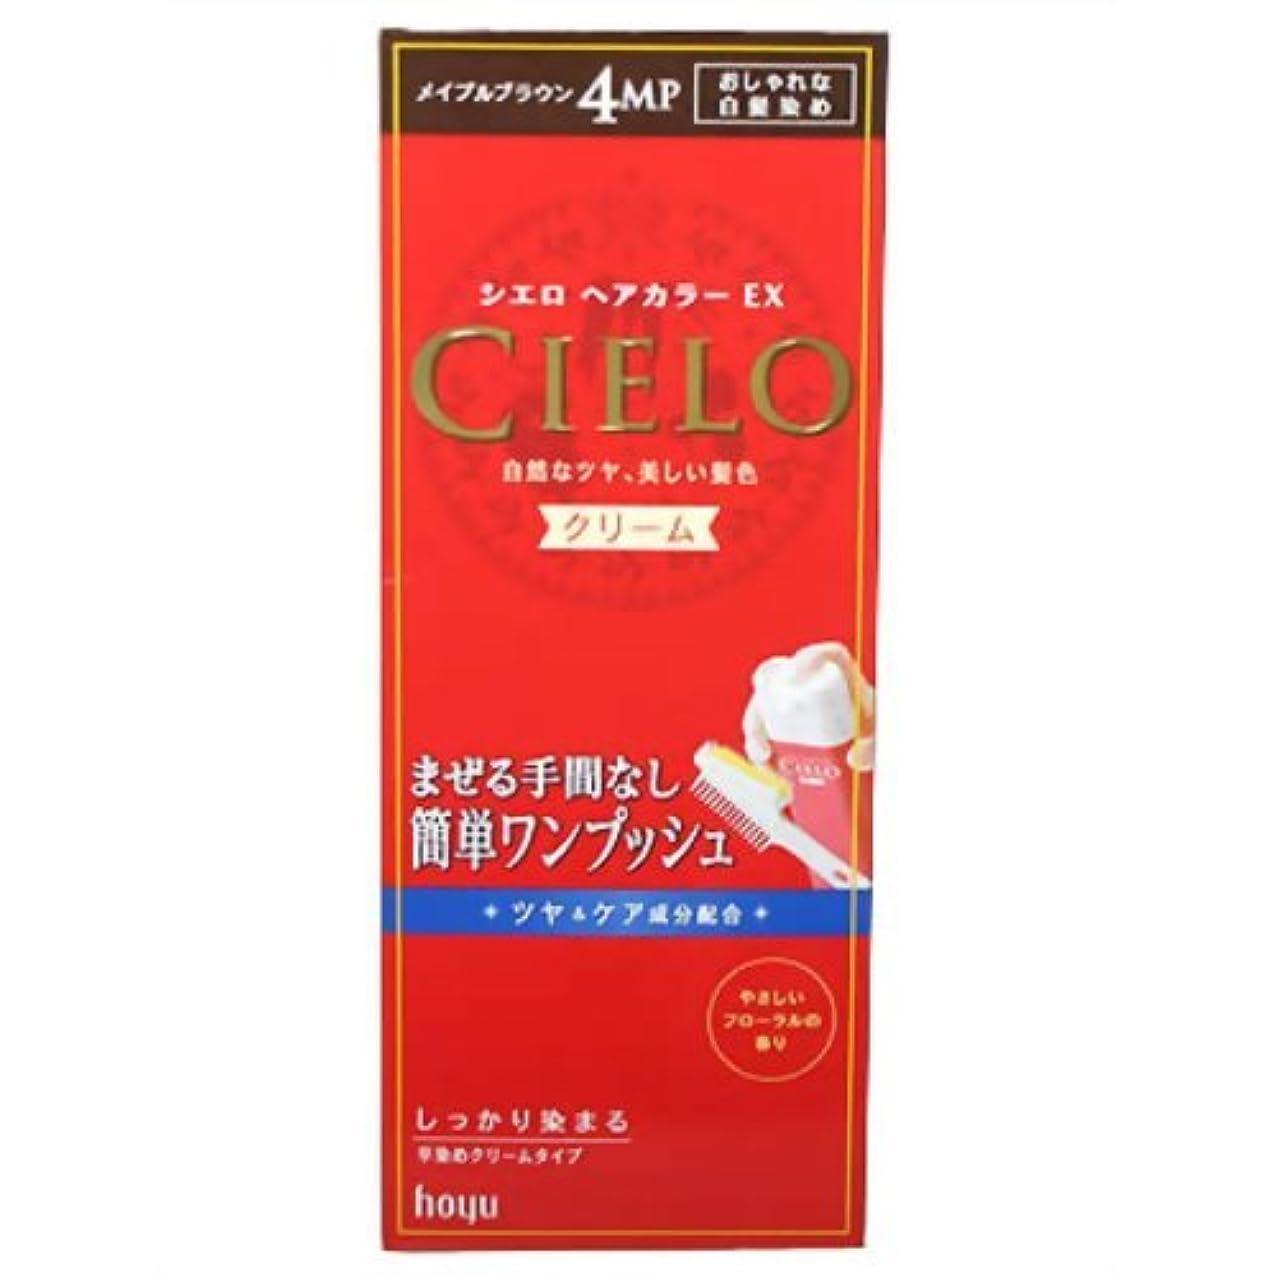 不毛マナールアーシエロ ヘアカラ-EX クリ-ム 4MP メイプルブラウン